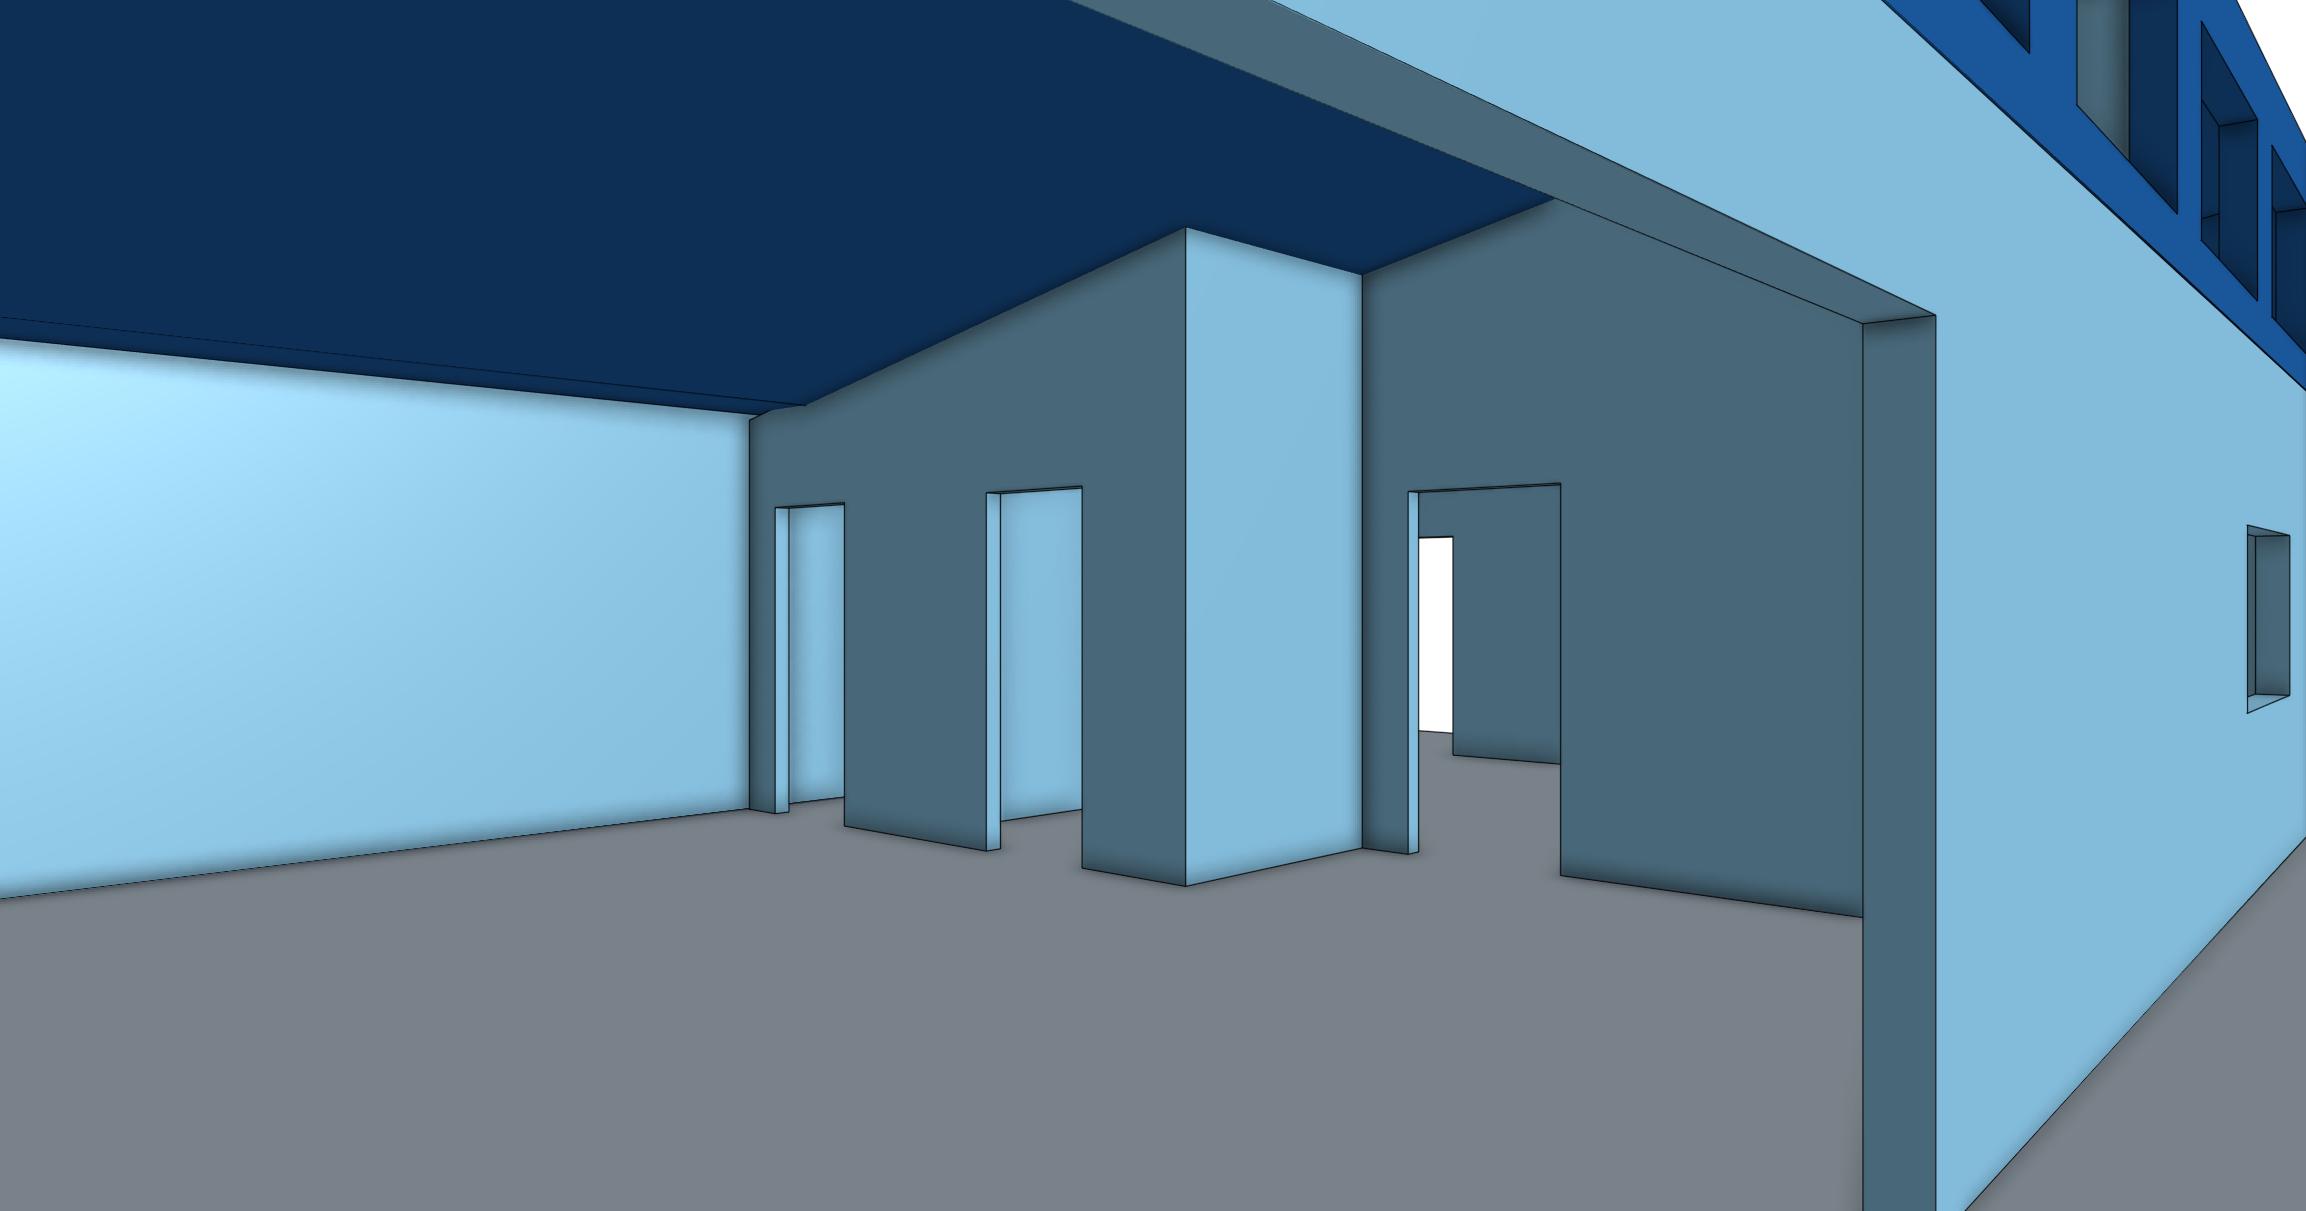 Looking into workshop area through garage door opening